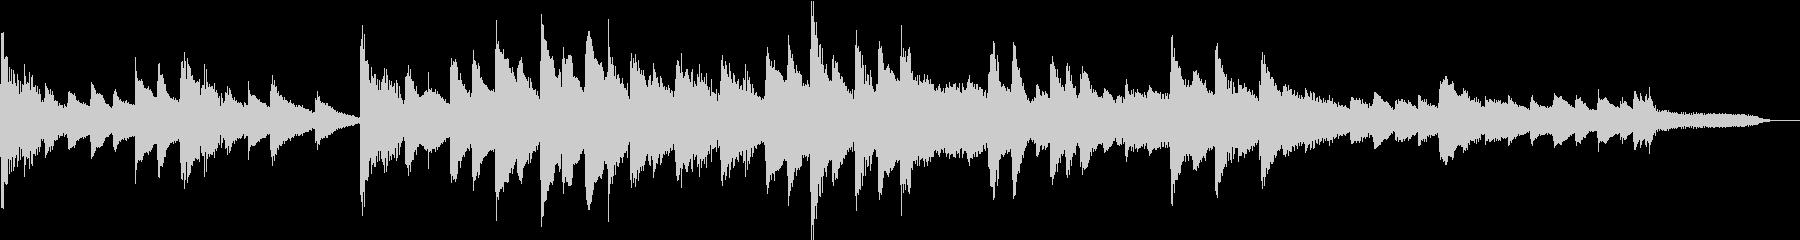 【感動的】30秒ピアノソロ【ループ】の未再生の波形